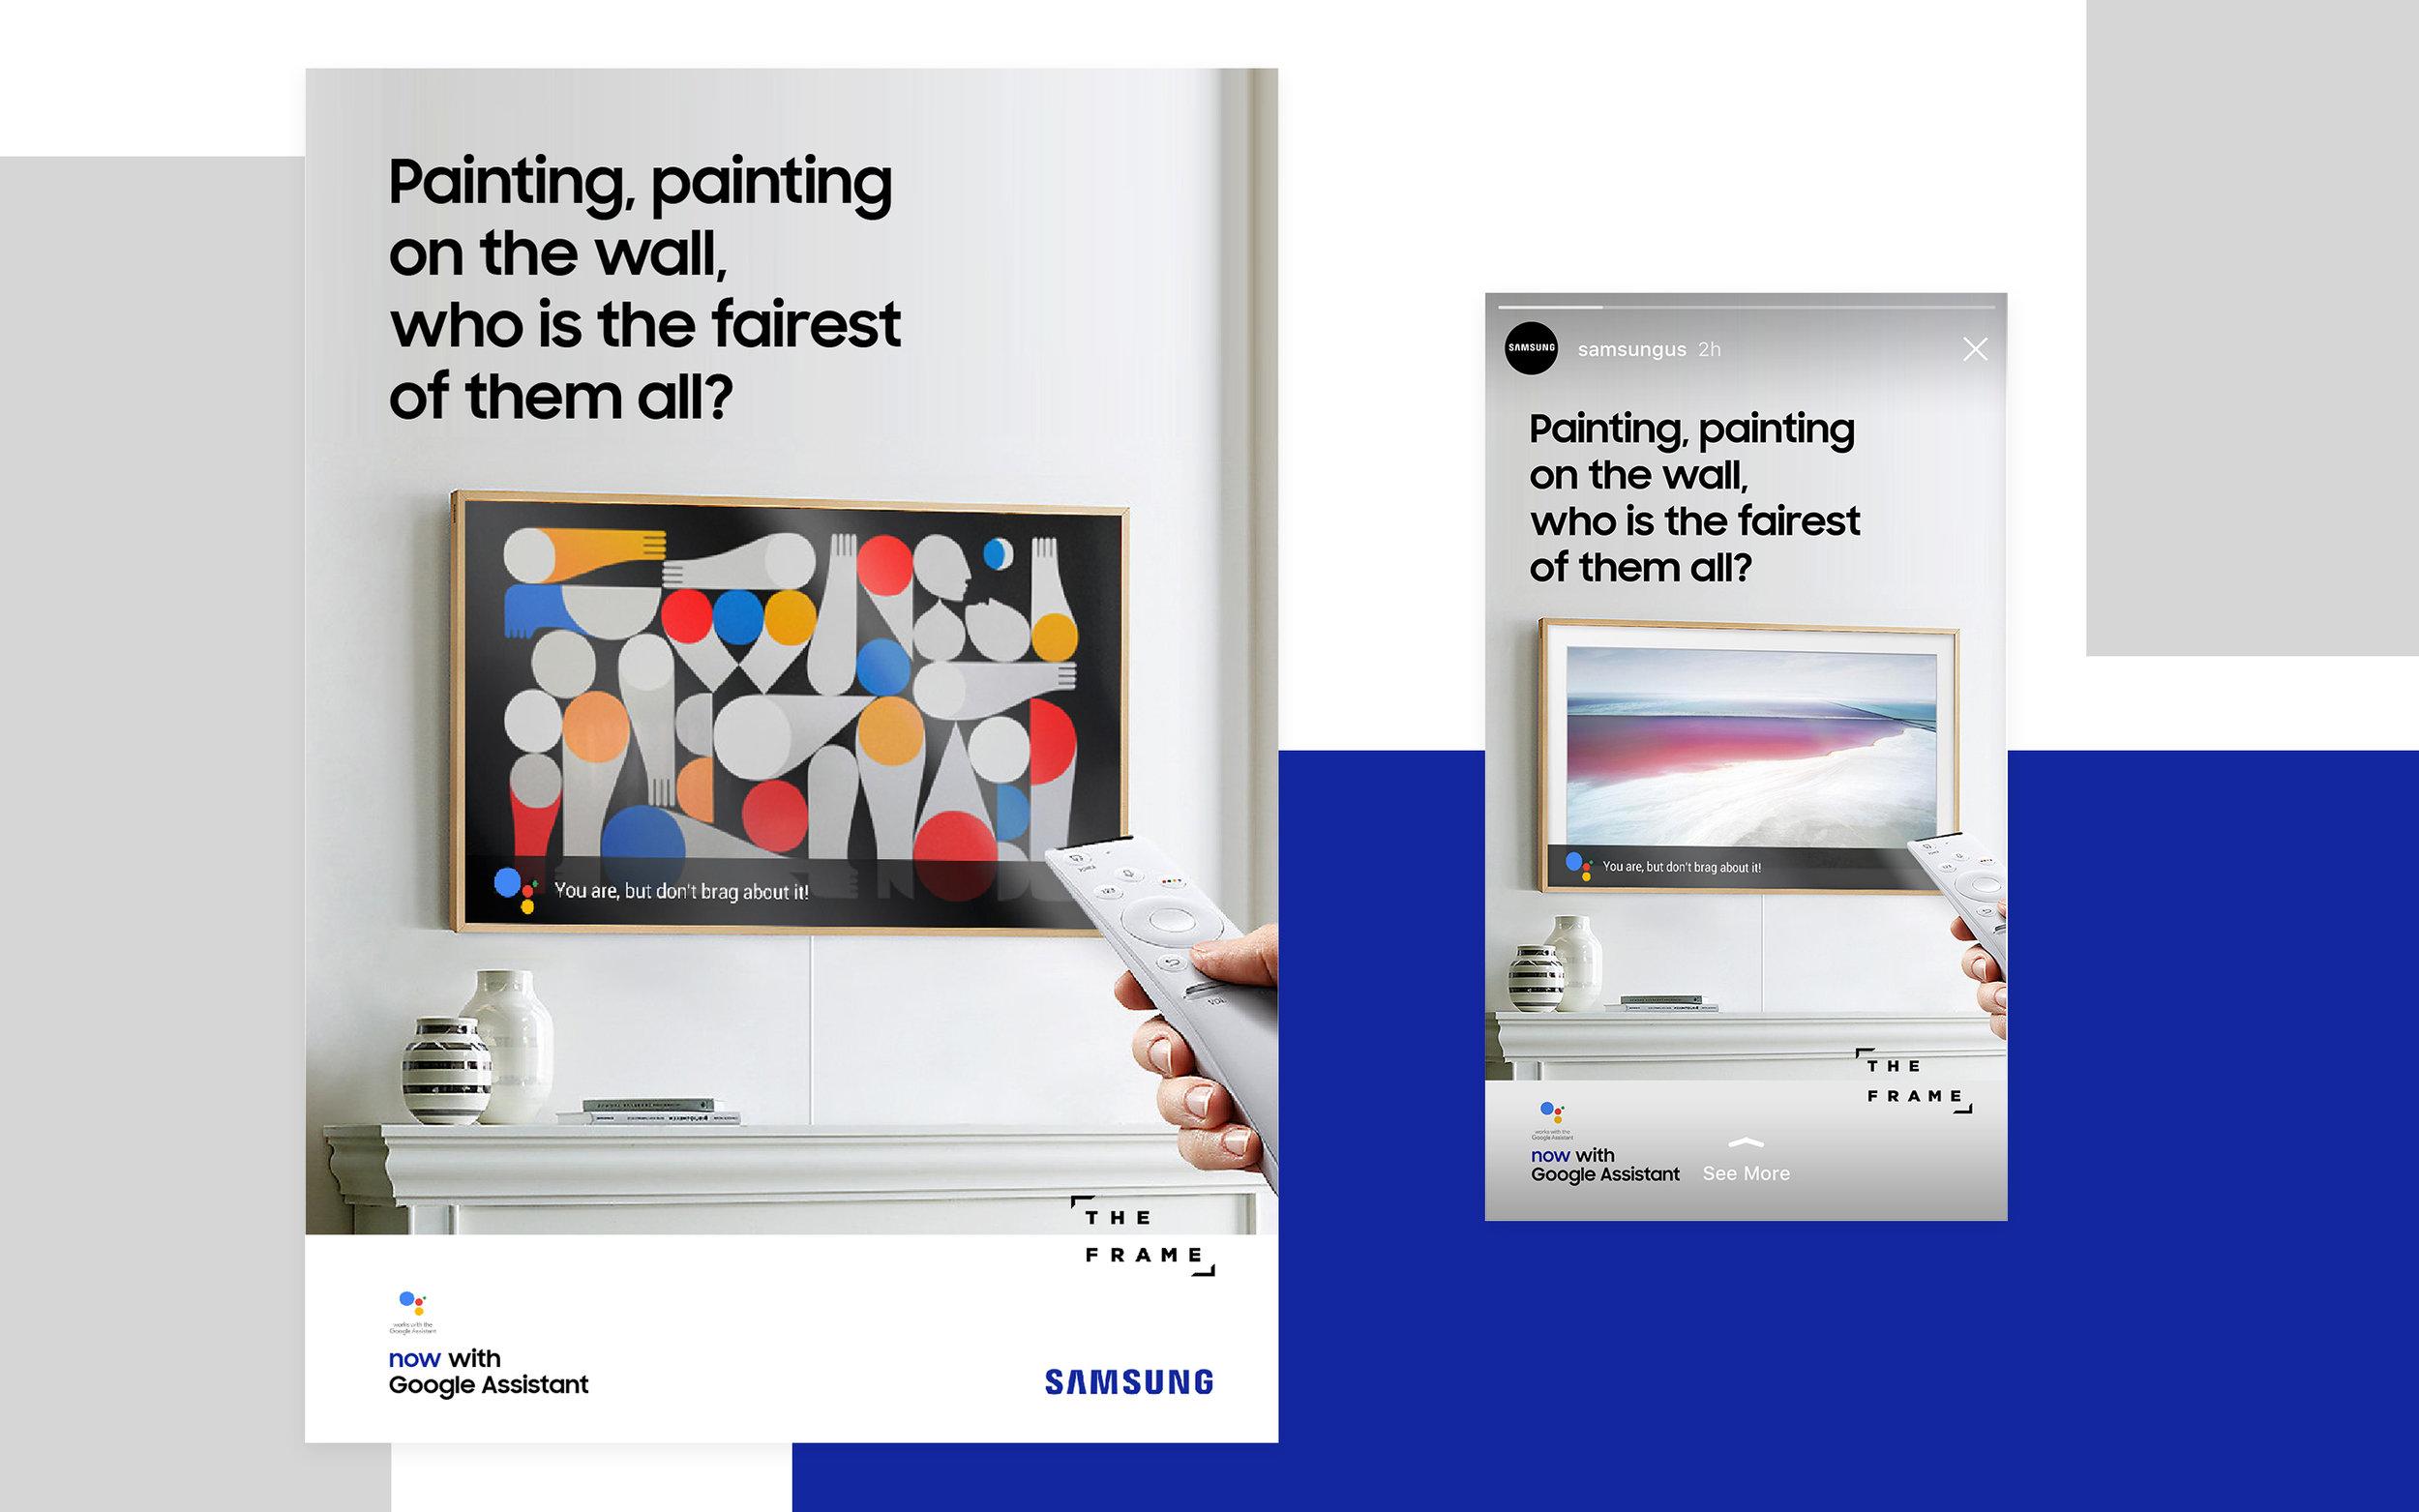 SamsungTheFrameA.jpg